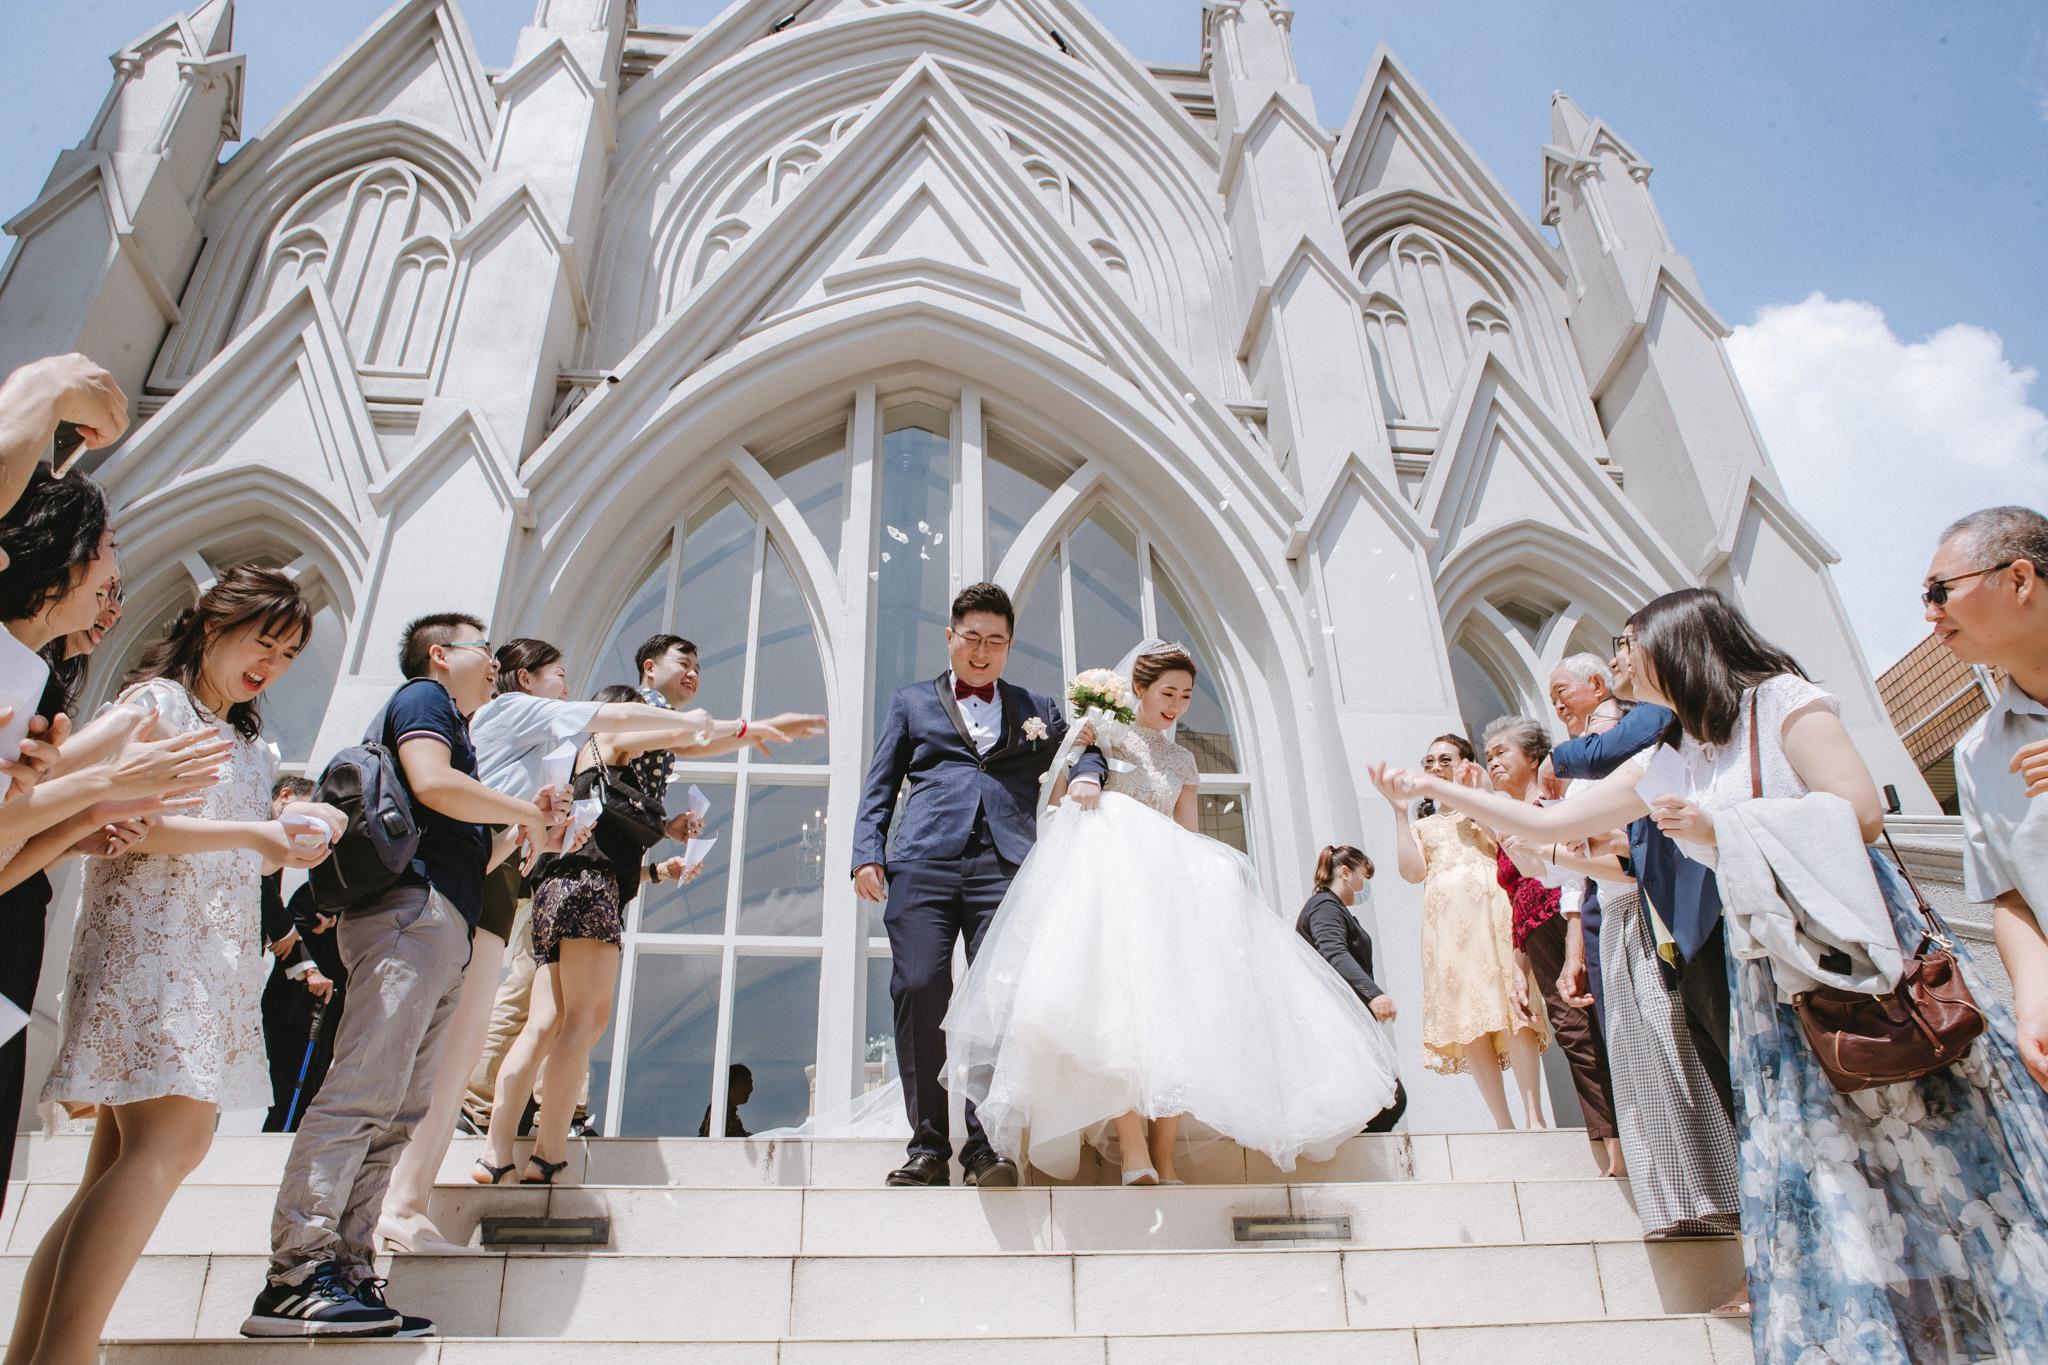 EW 台北婚攝 居米 翡麗詩 婚禮 婚宴-49